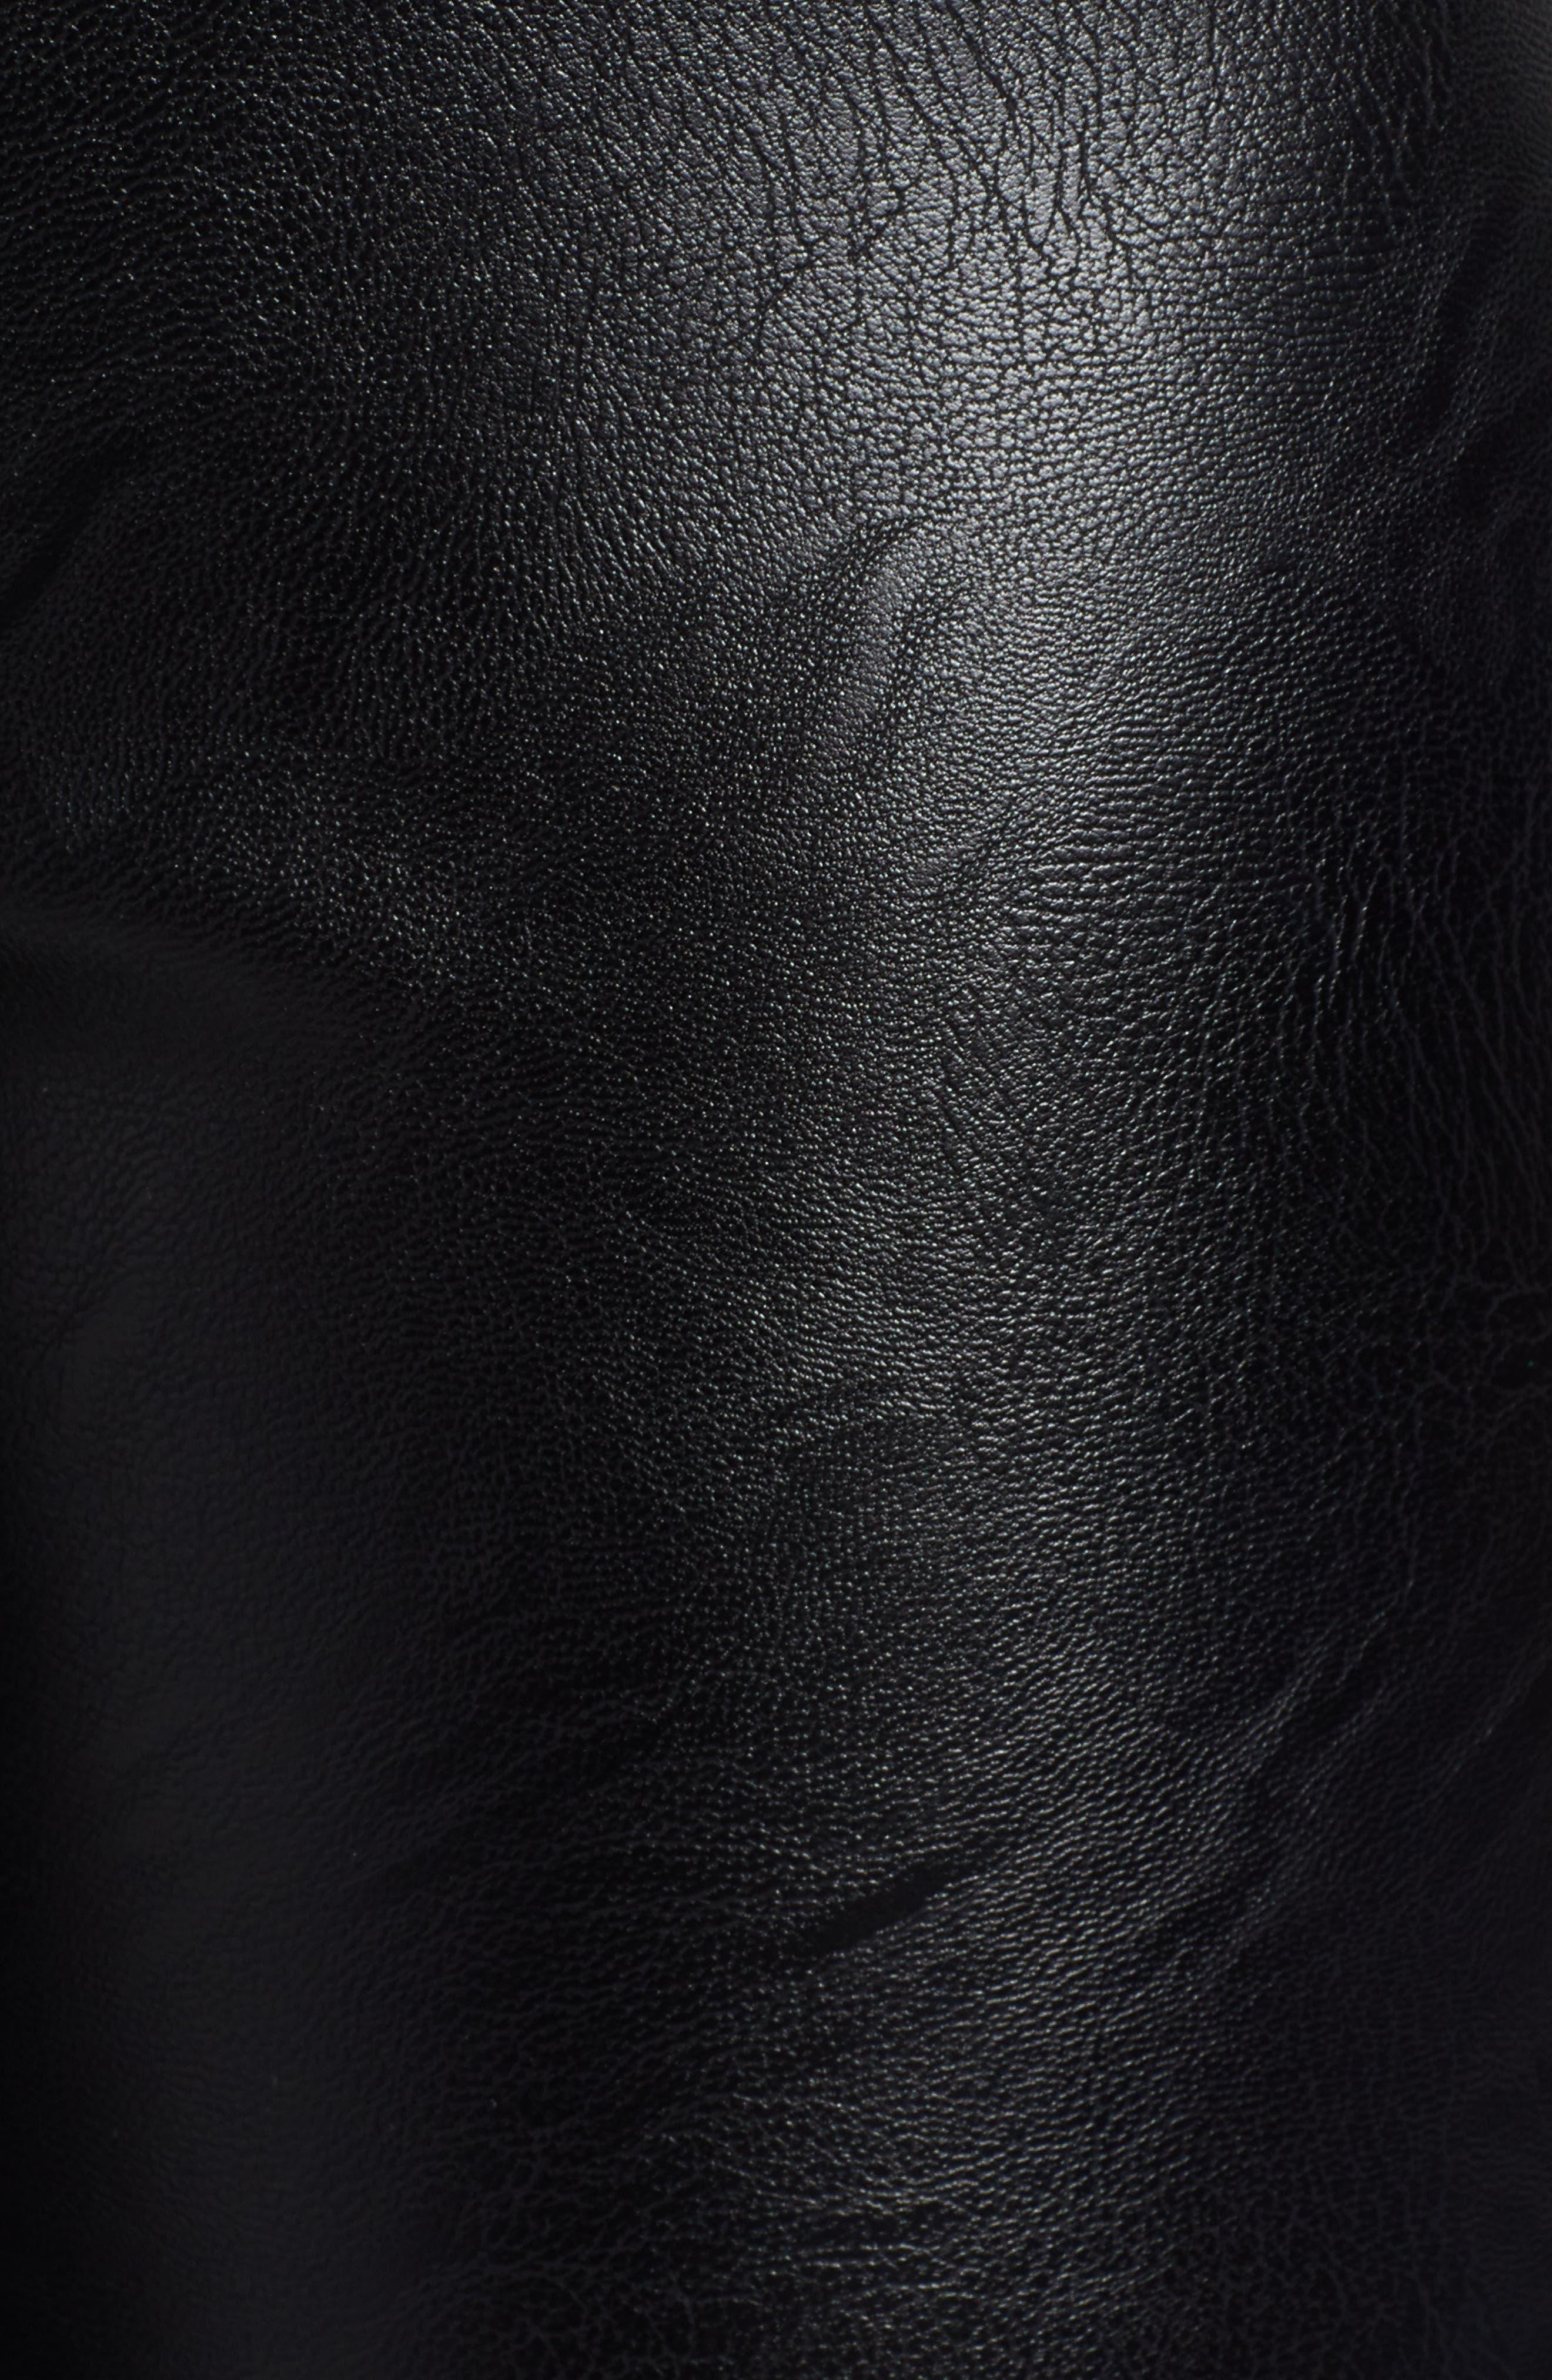 TIGER MIST,                             Lennon Zip Detail Faux Leather Pants,                             Alternate thumbnail 6, color,                             001